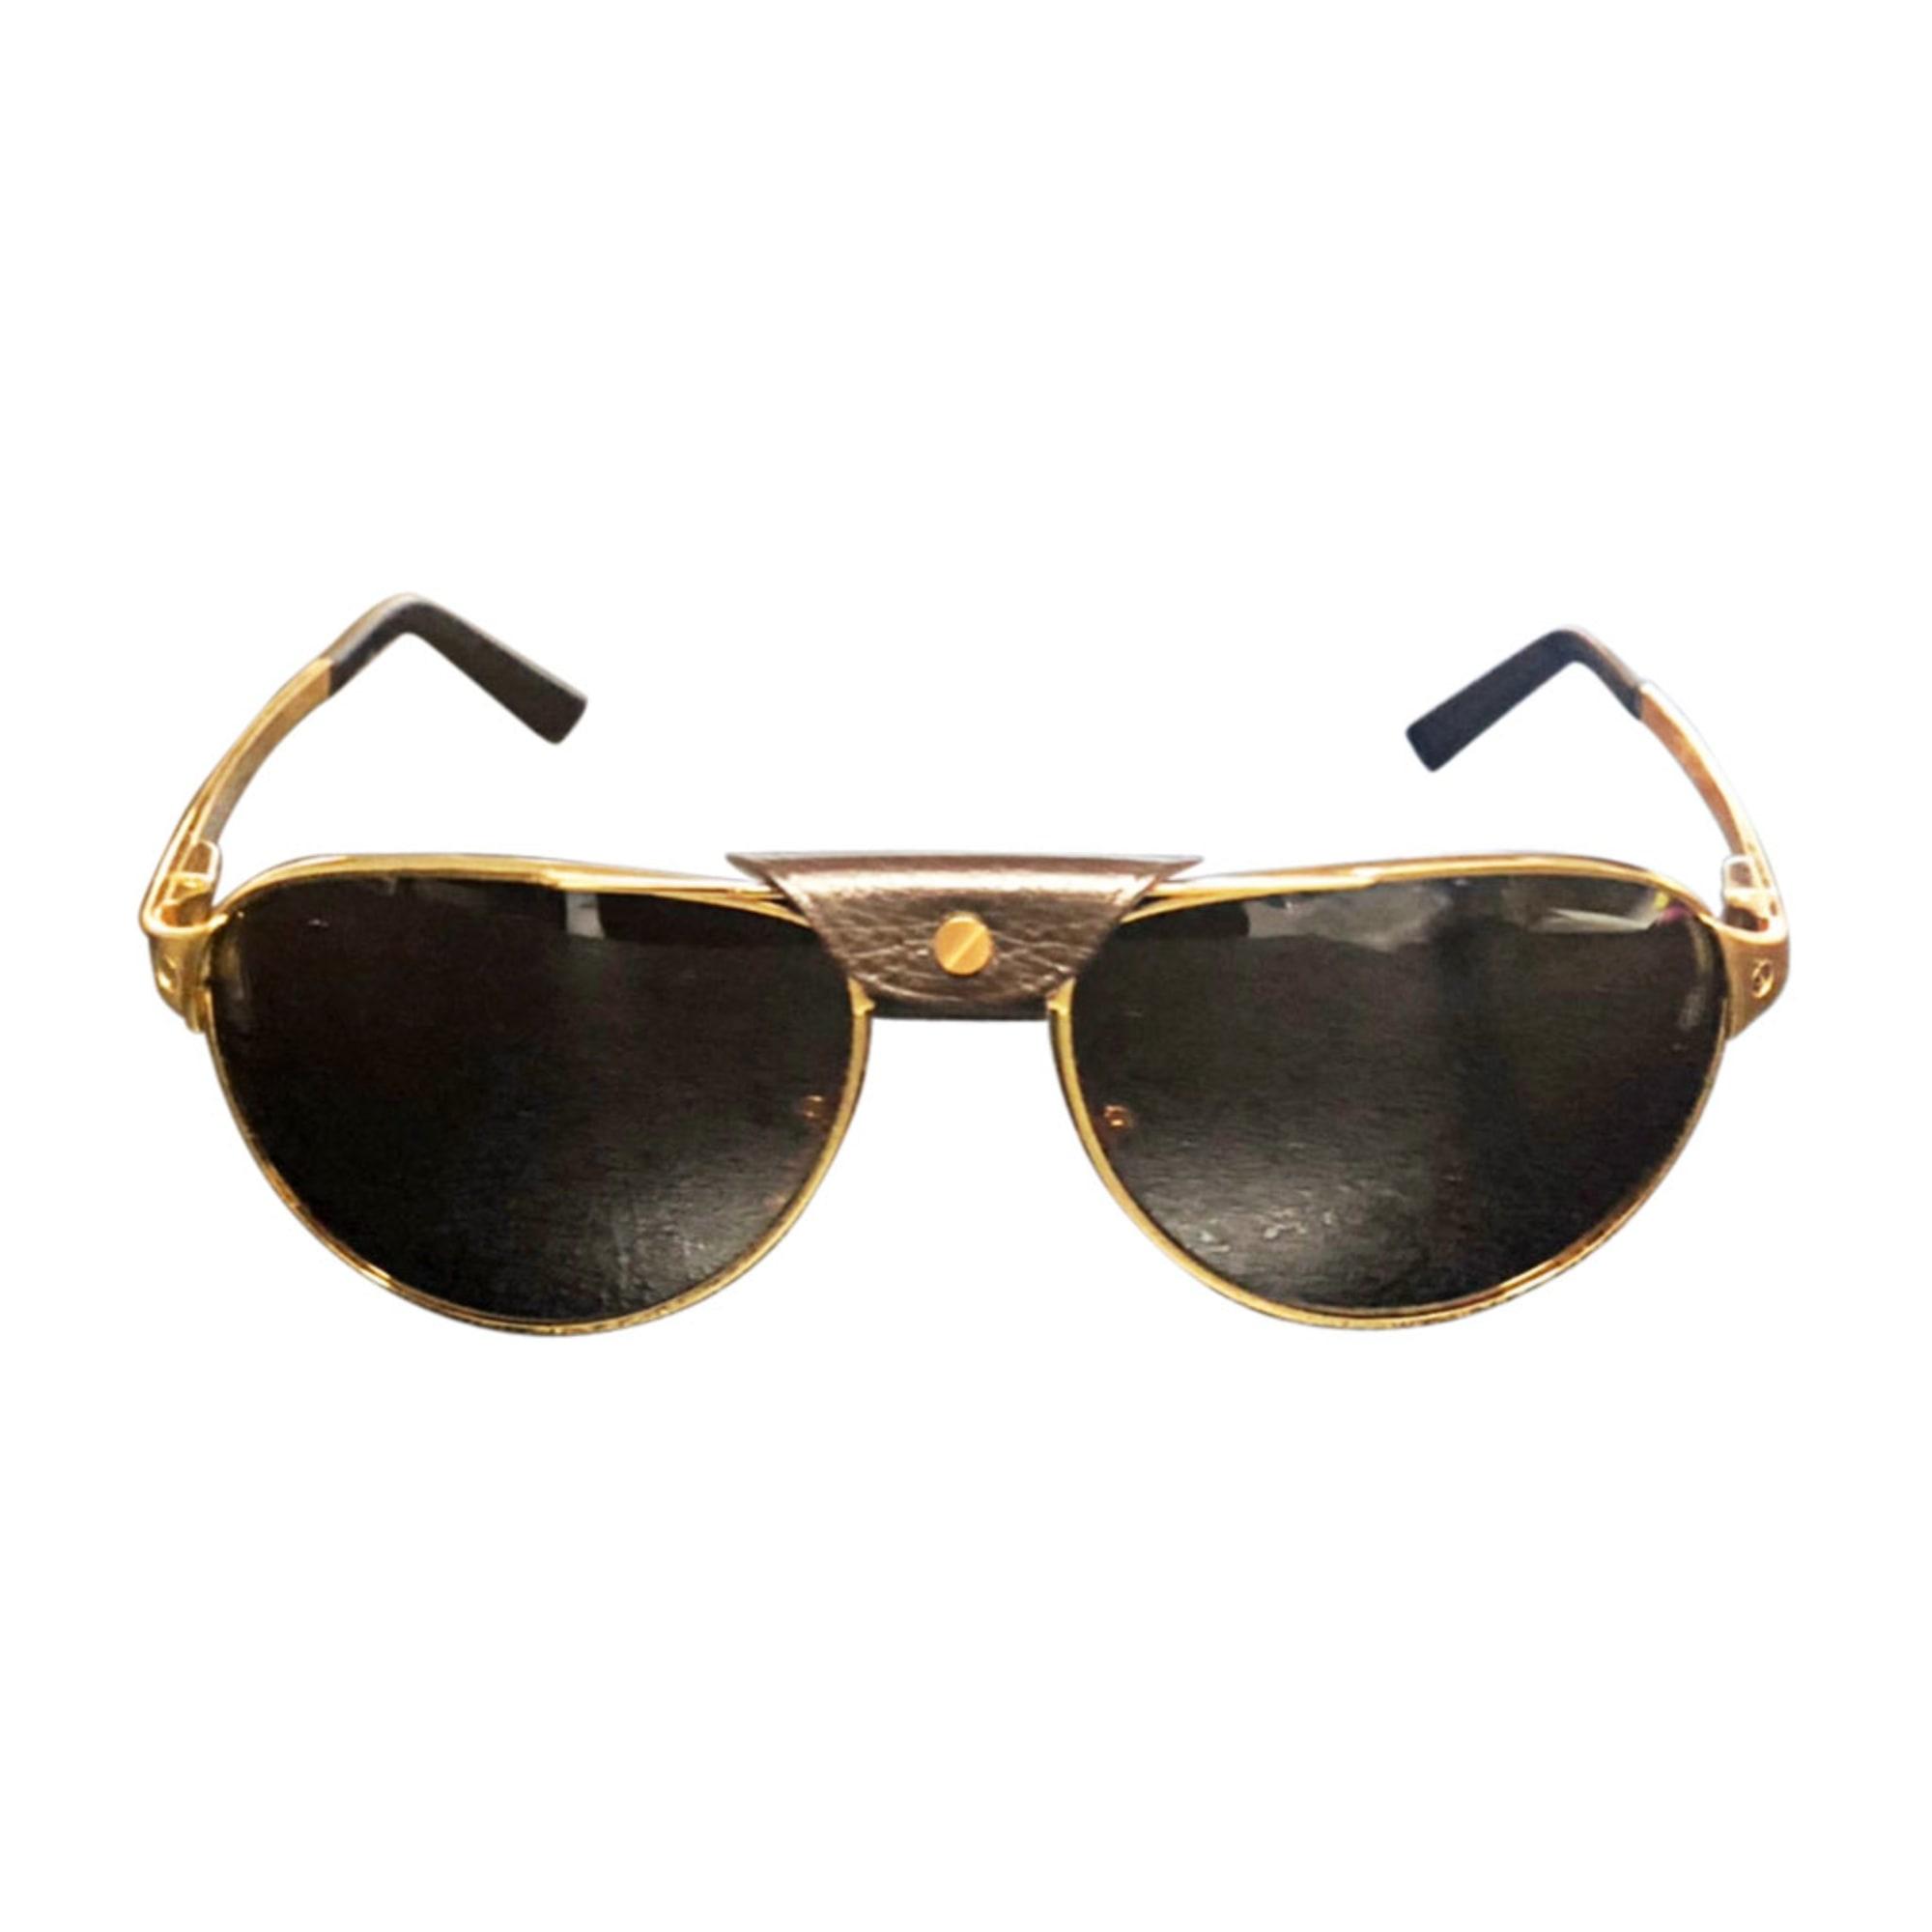 29b5e654b6 lunette de soleil cartier,solaires homme tendance 2016